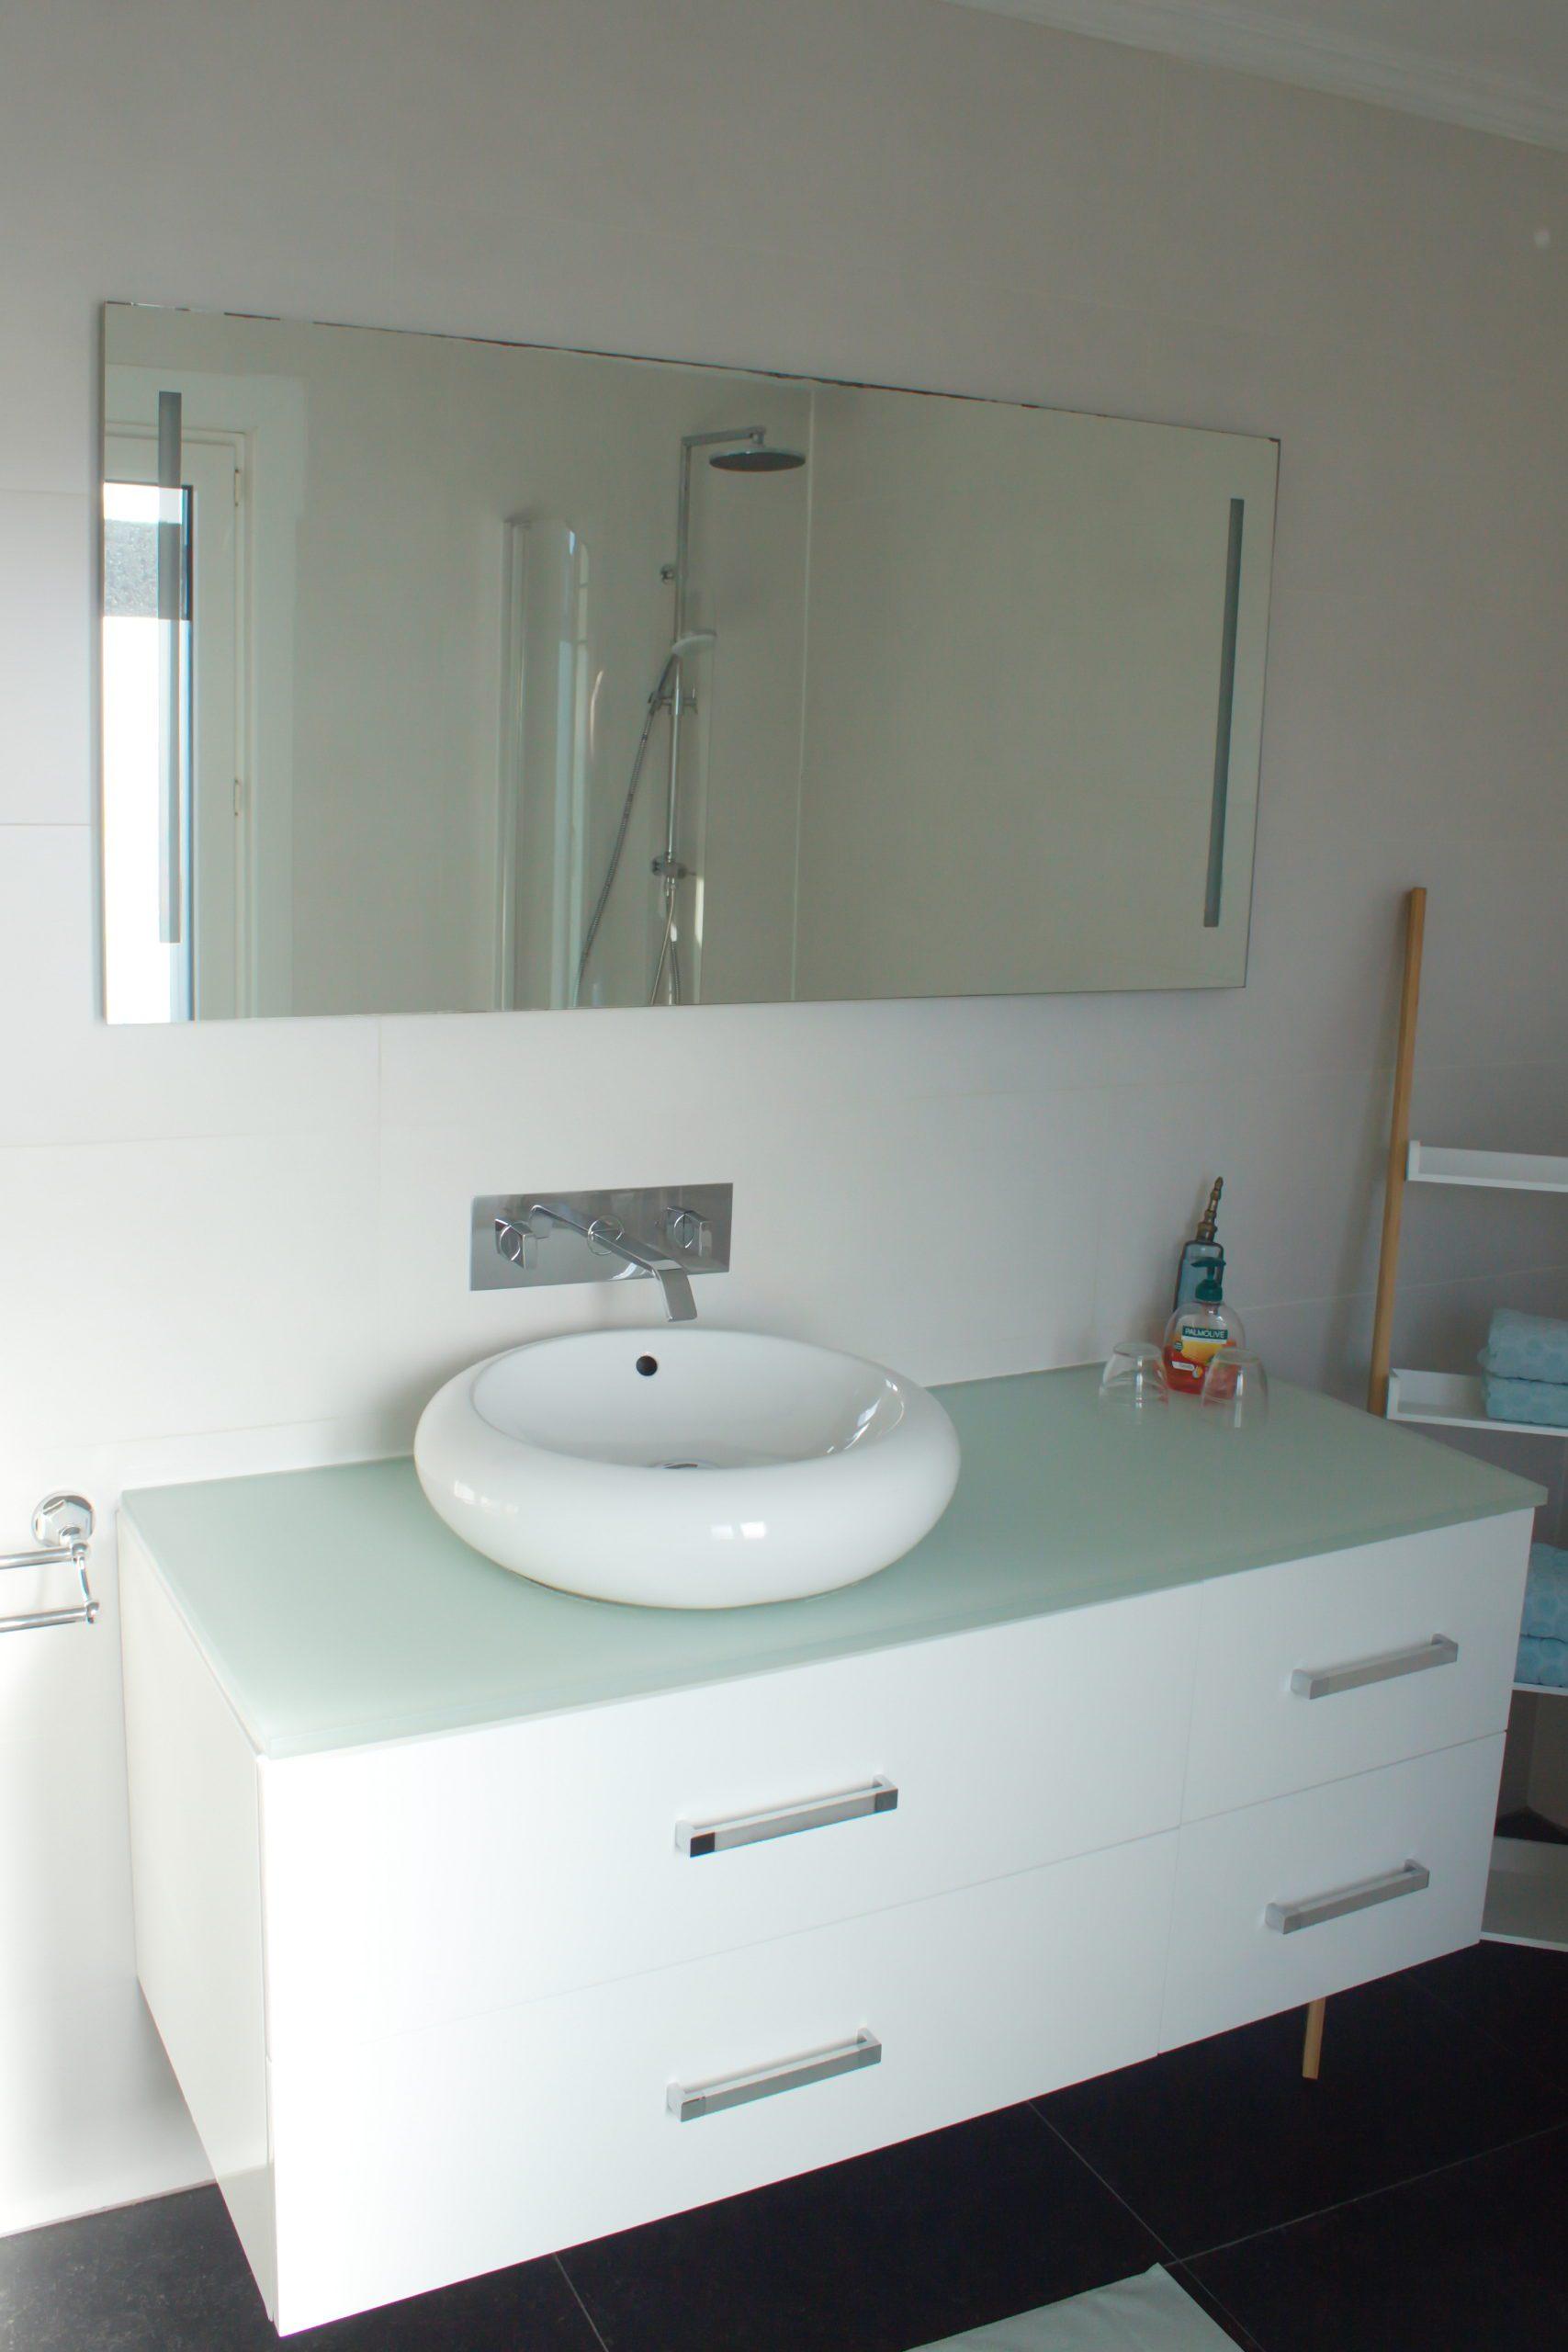 Badkamer Côté Jardin - bad en douche - toilet